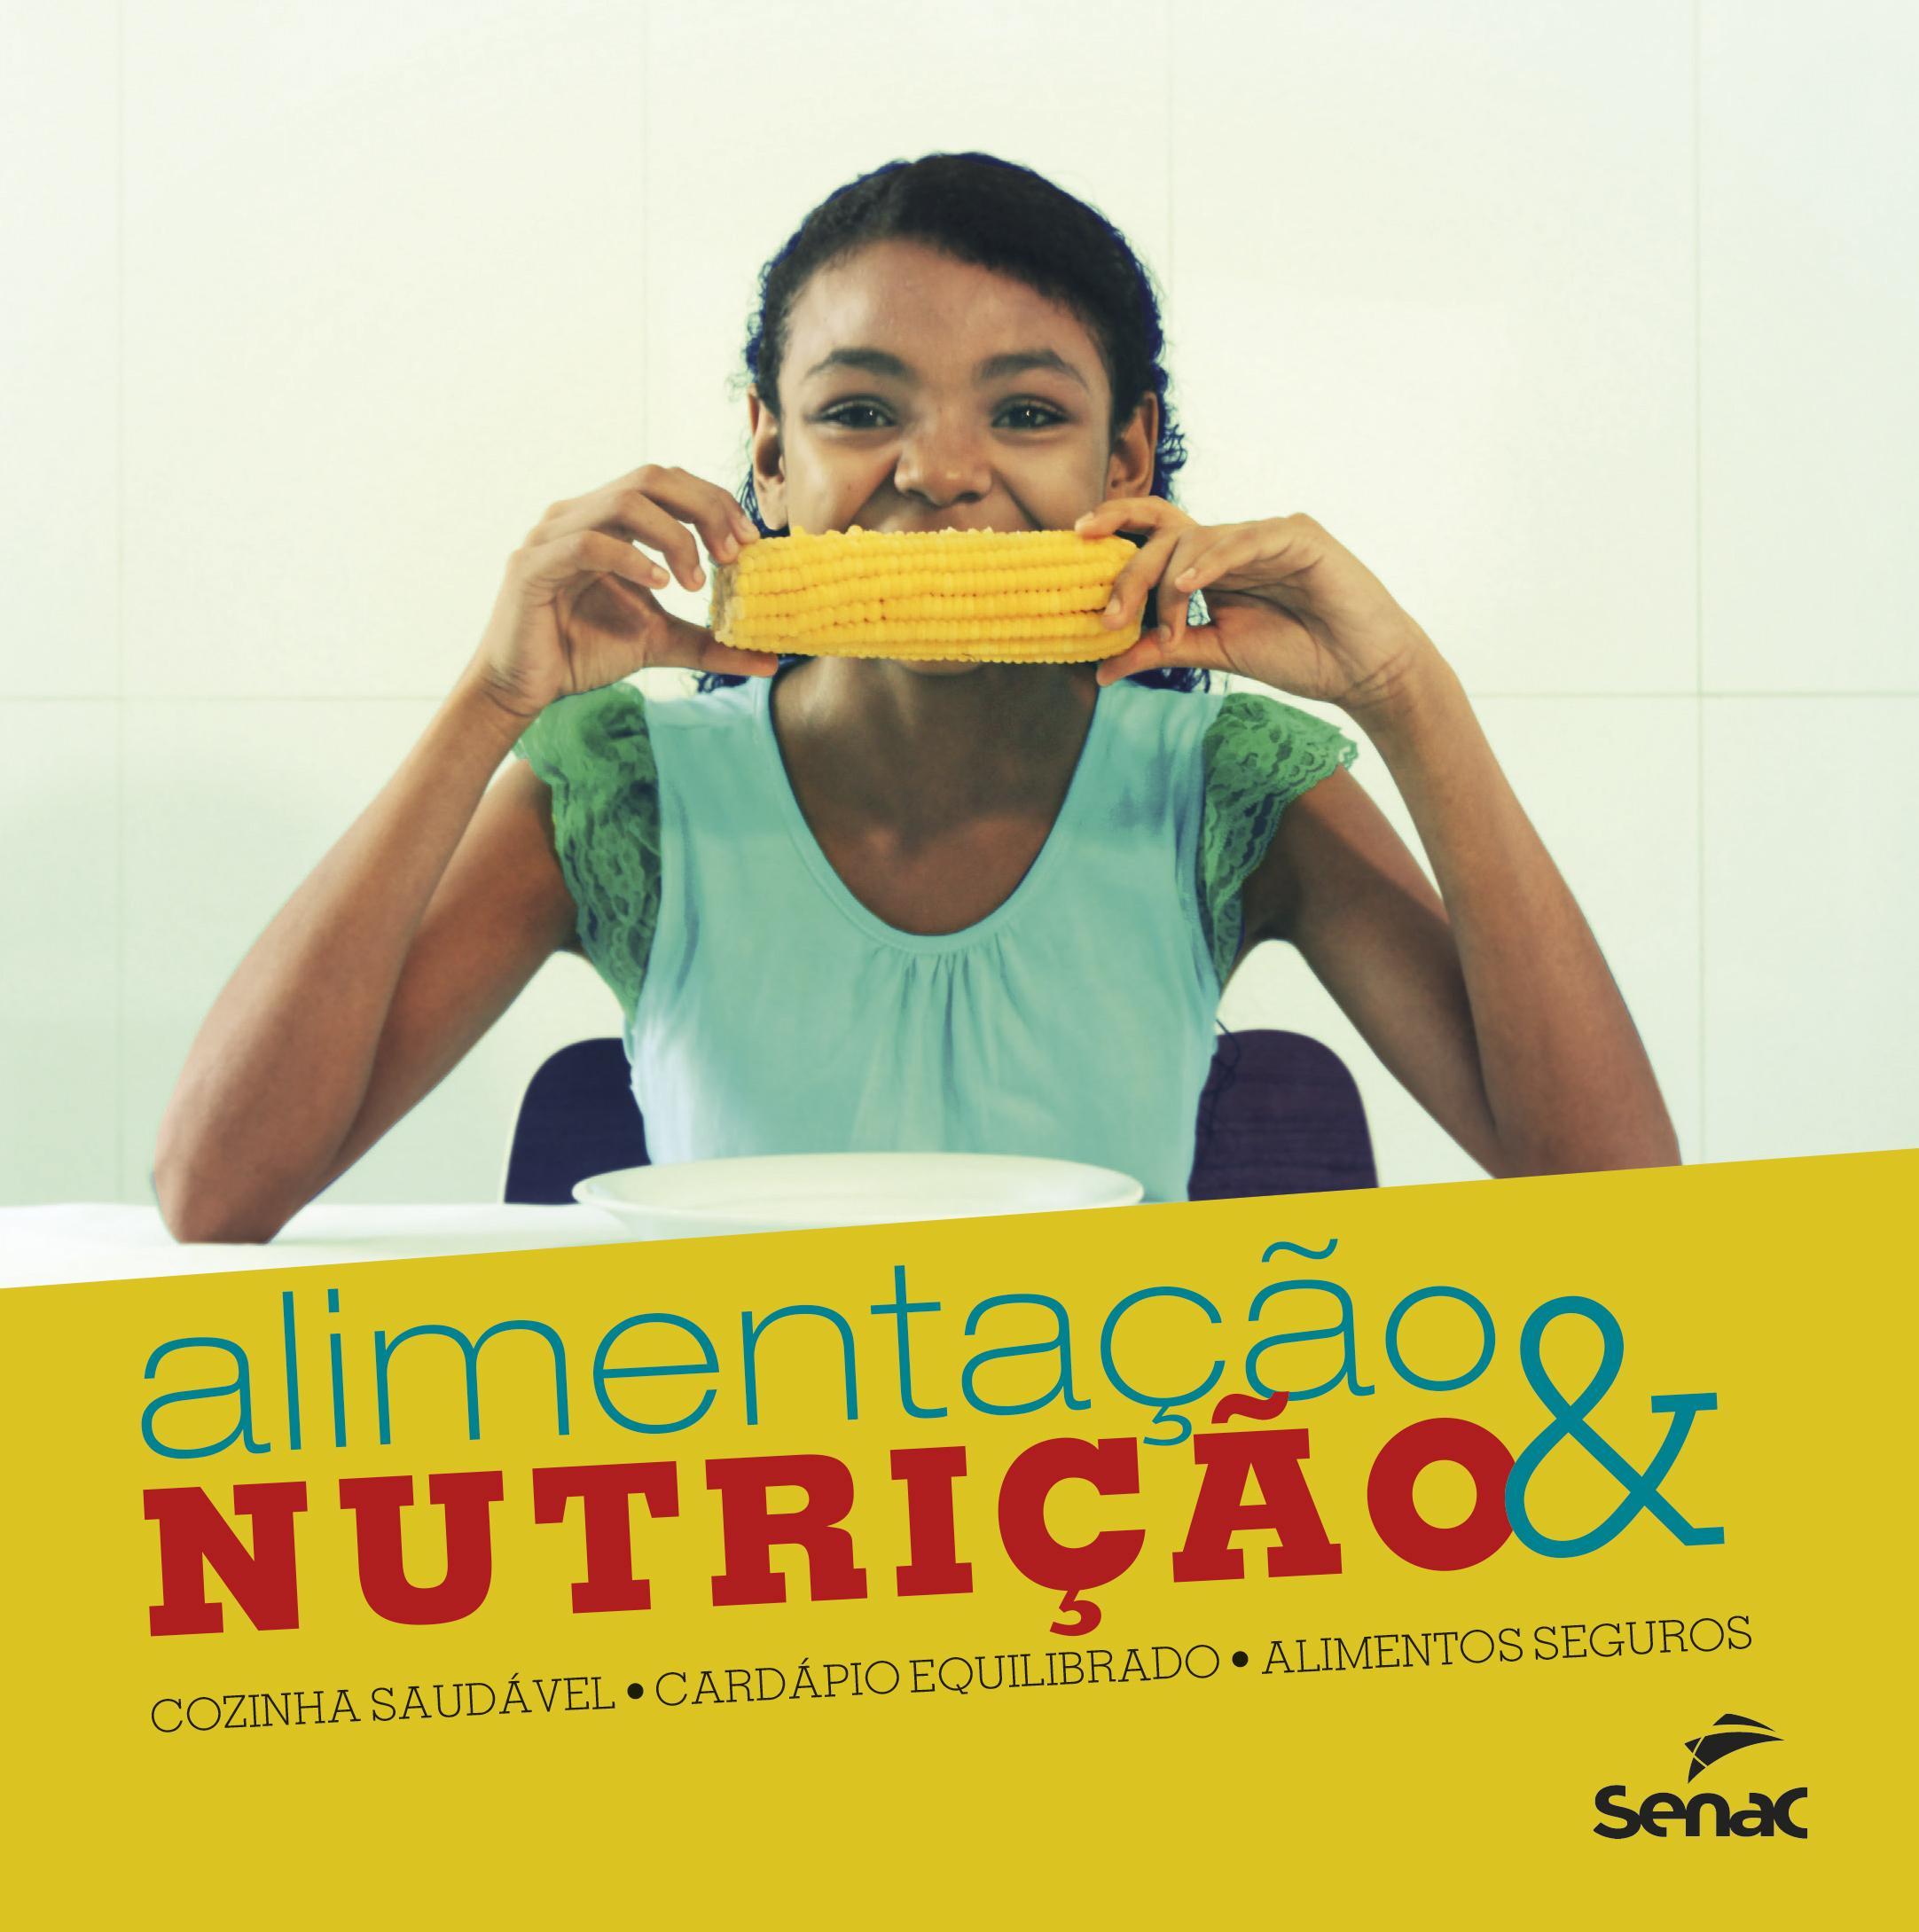 Alimentação e nutrição: cozinha saudável, cardápio equilibrado e alimentos seguros - 1ª ed.